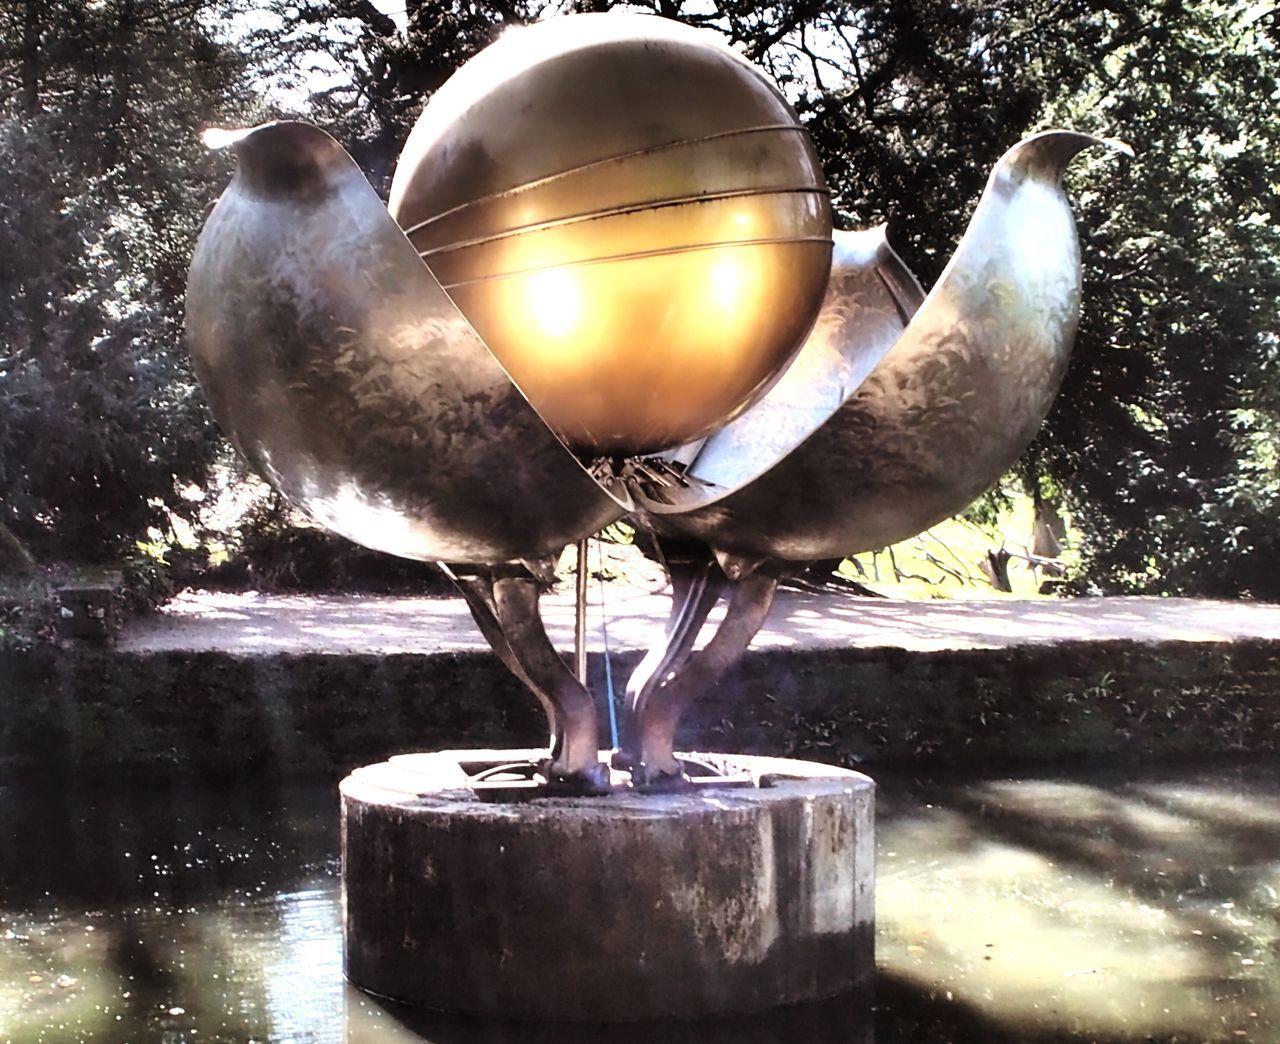 Ball Sunlight Sunlight Sculpture Garden Golden No People